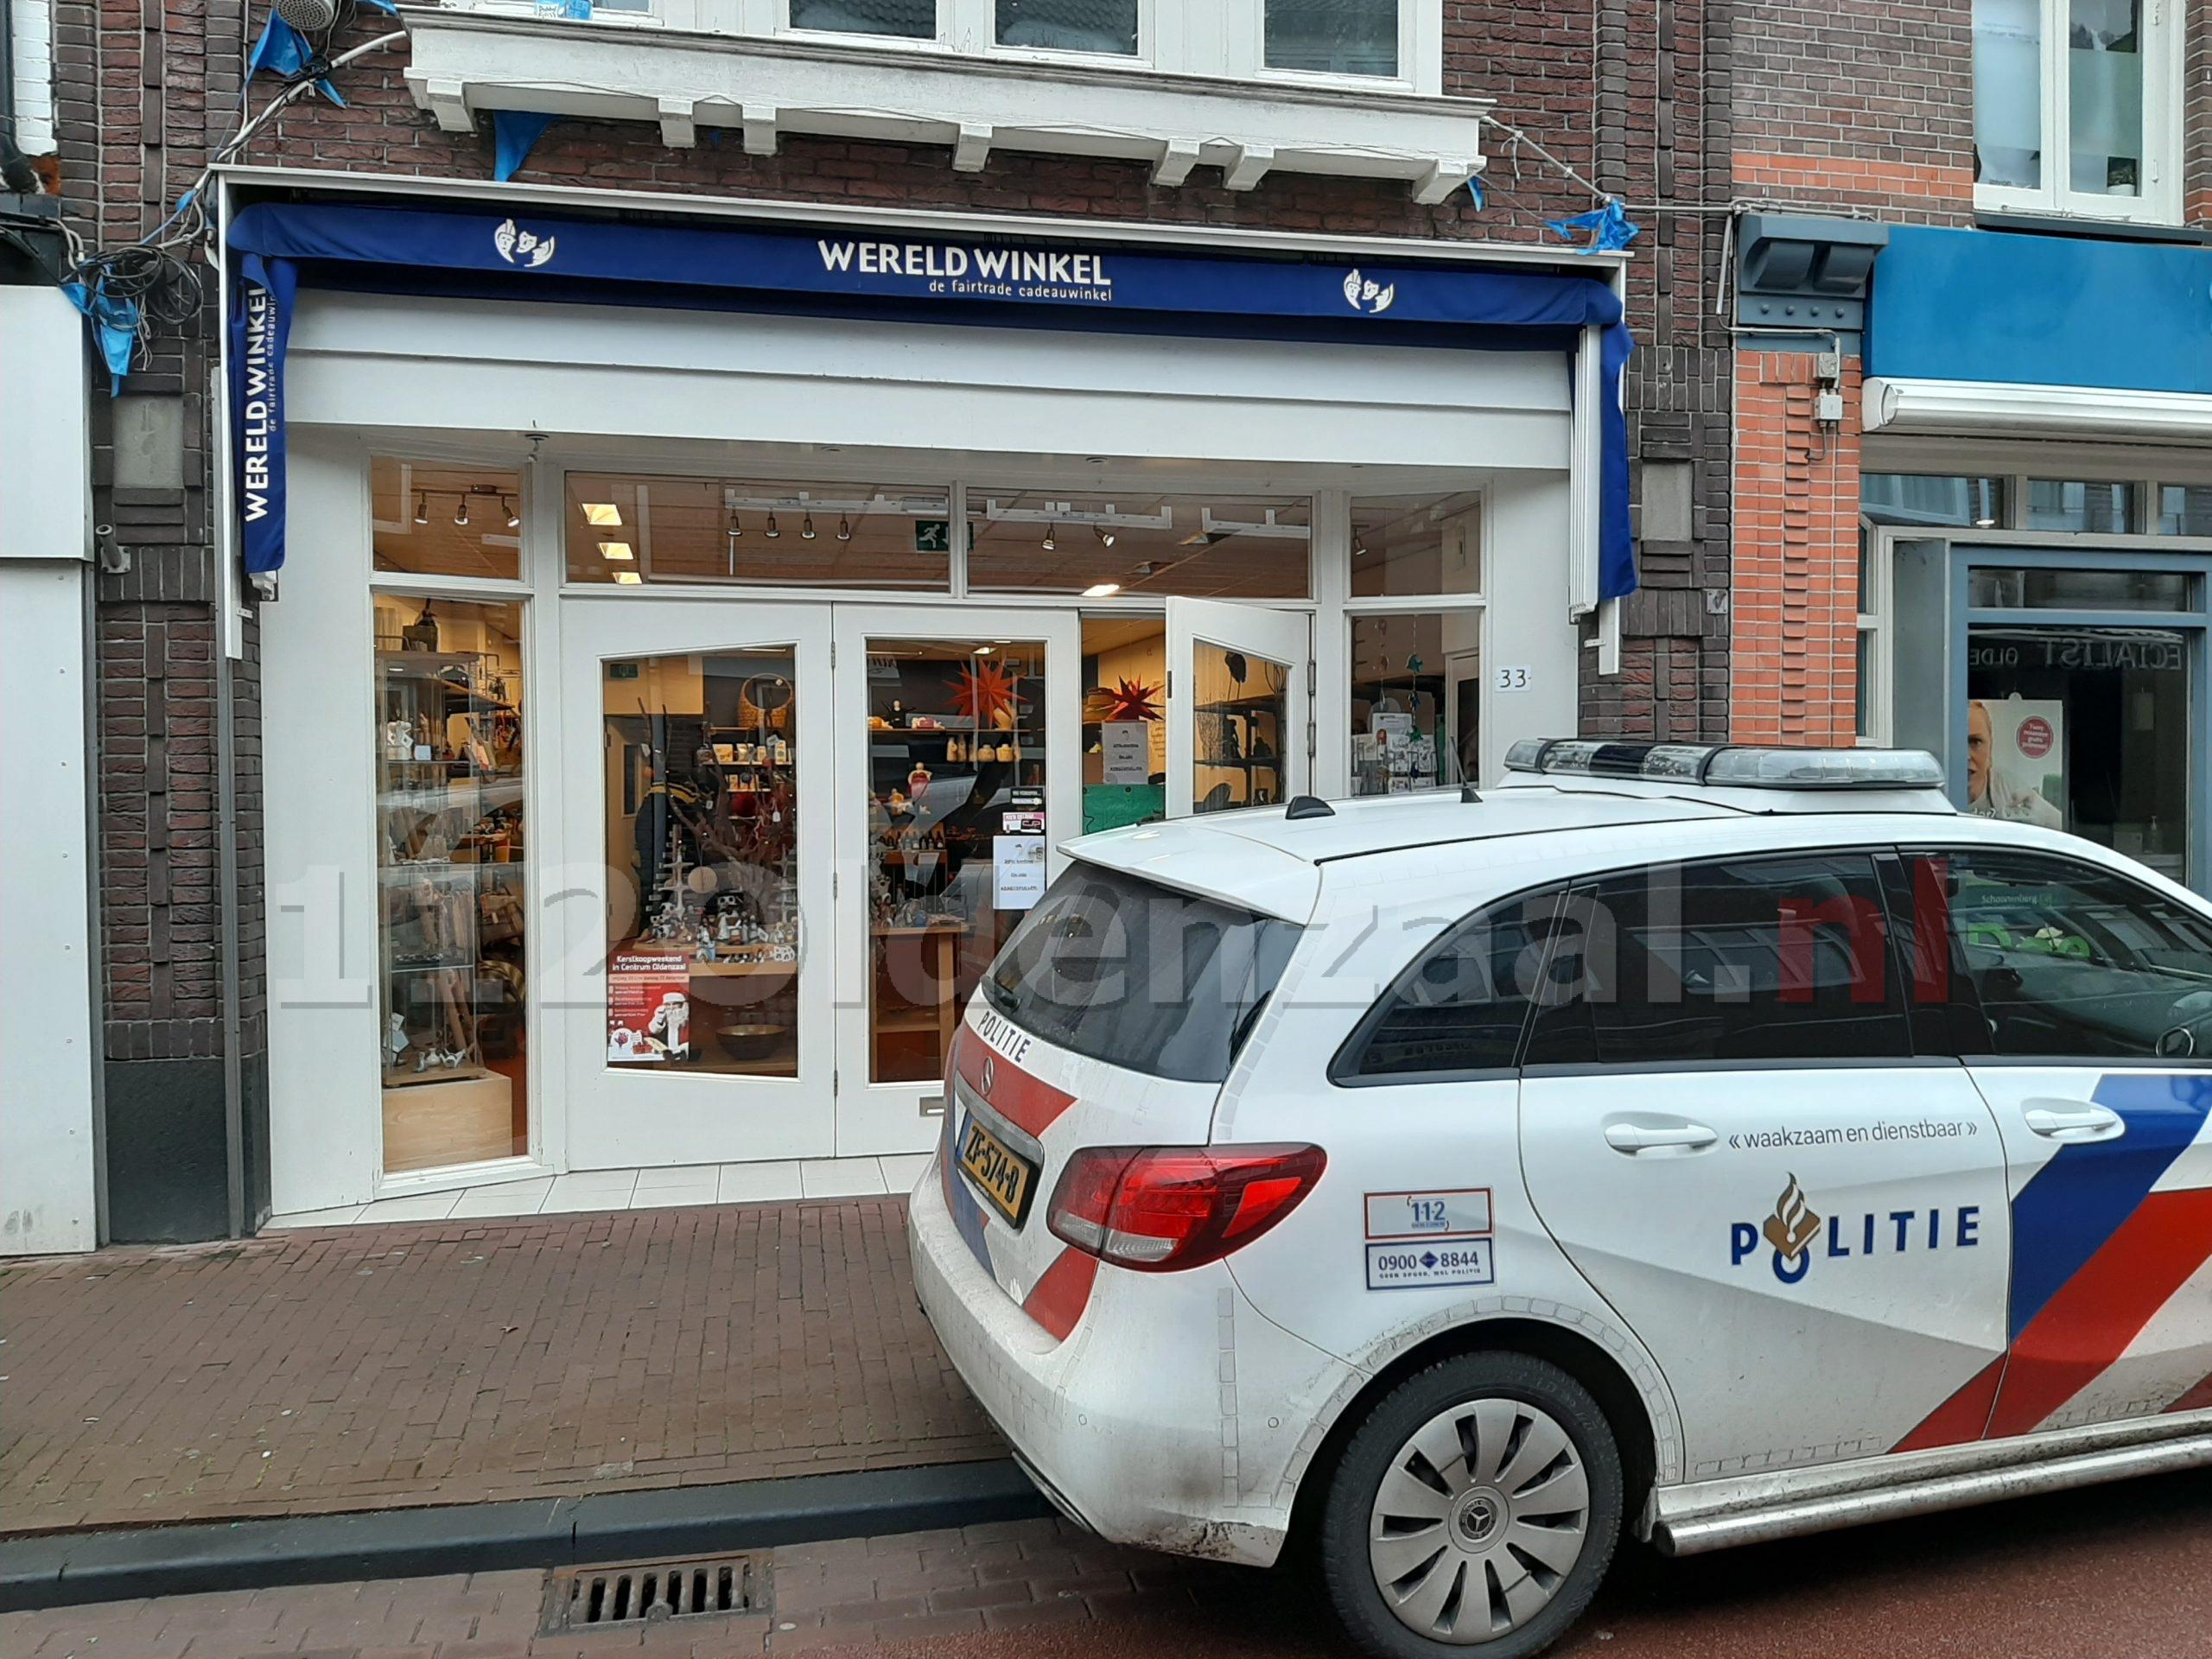 UPDATE: Ruit vernield van Wereldwinkel in Oldenzaal; dader meldt zich